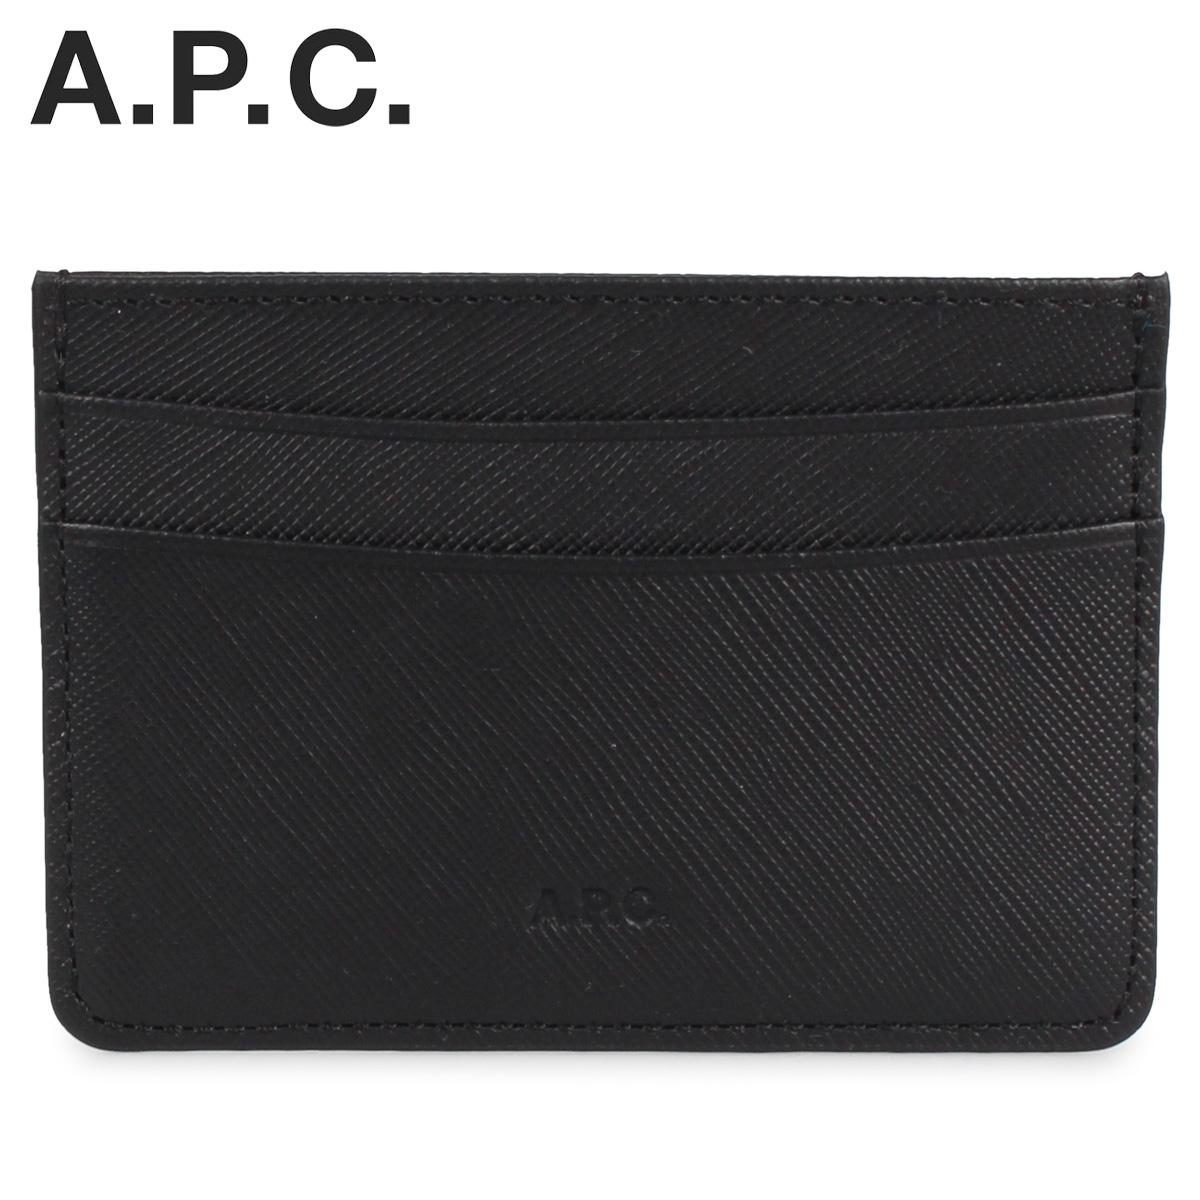 アーペーセー A.P.C. パスケース カードケース ID 定期入れ メンズ ANDRE CARD HOLDER ブラック 黒 PXBJQ-H63028